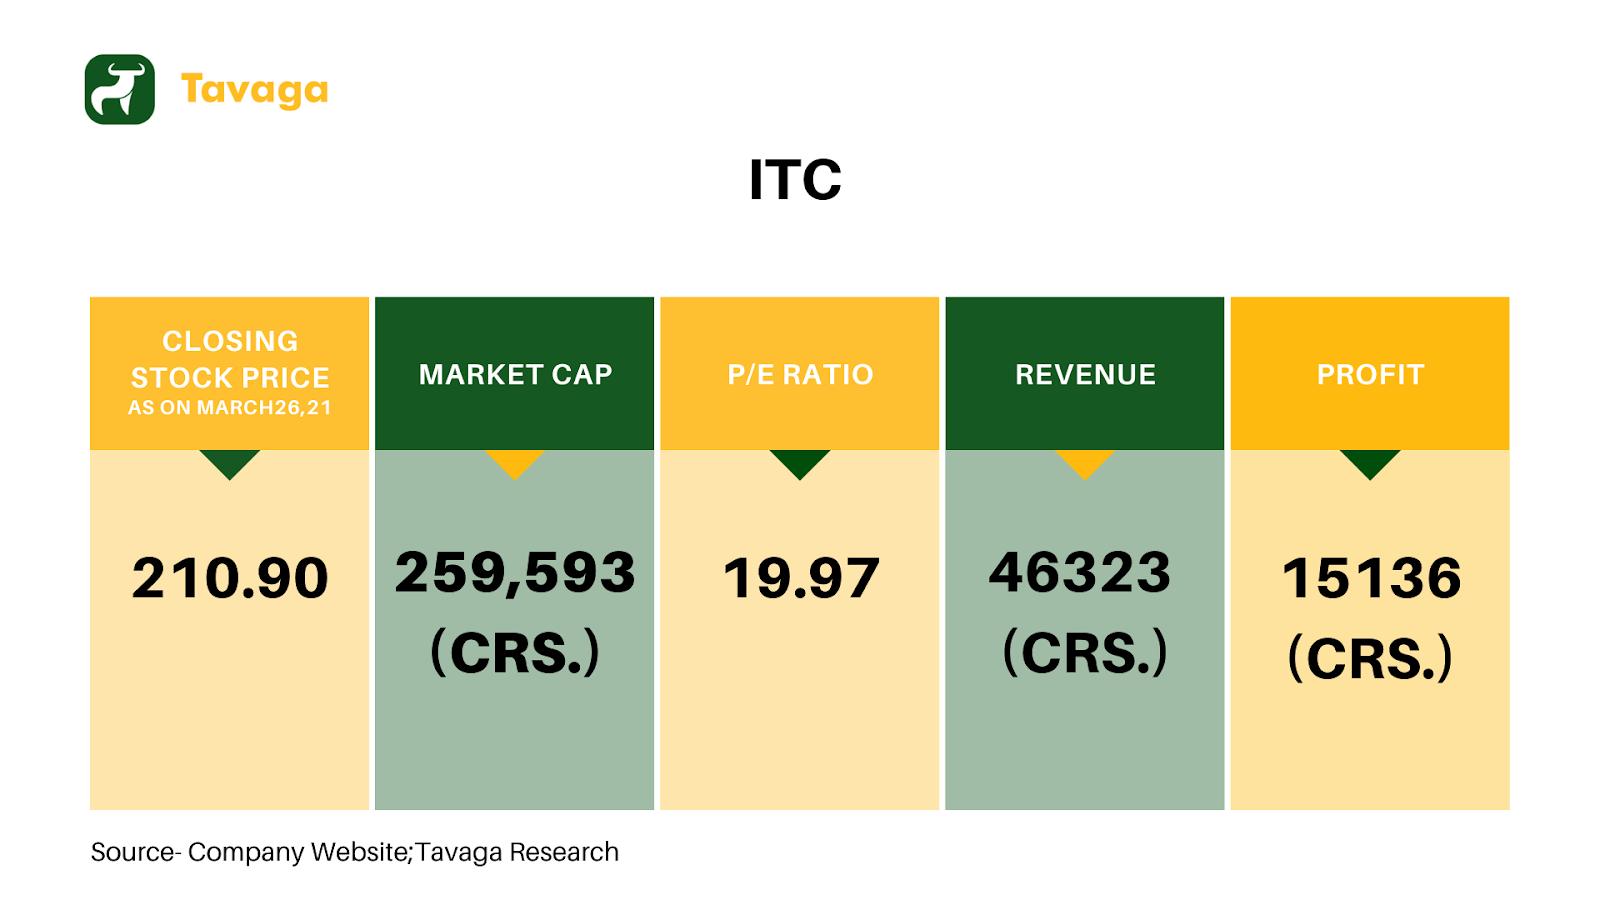 ITC Financials